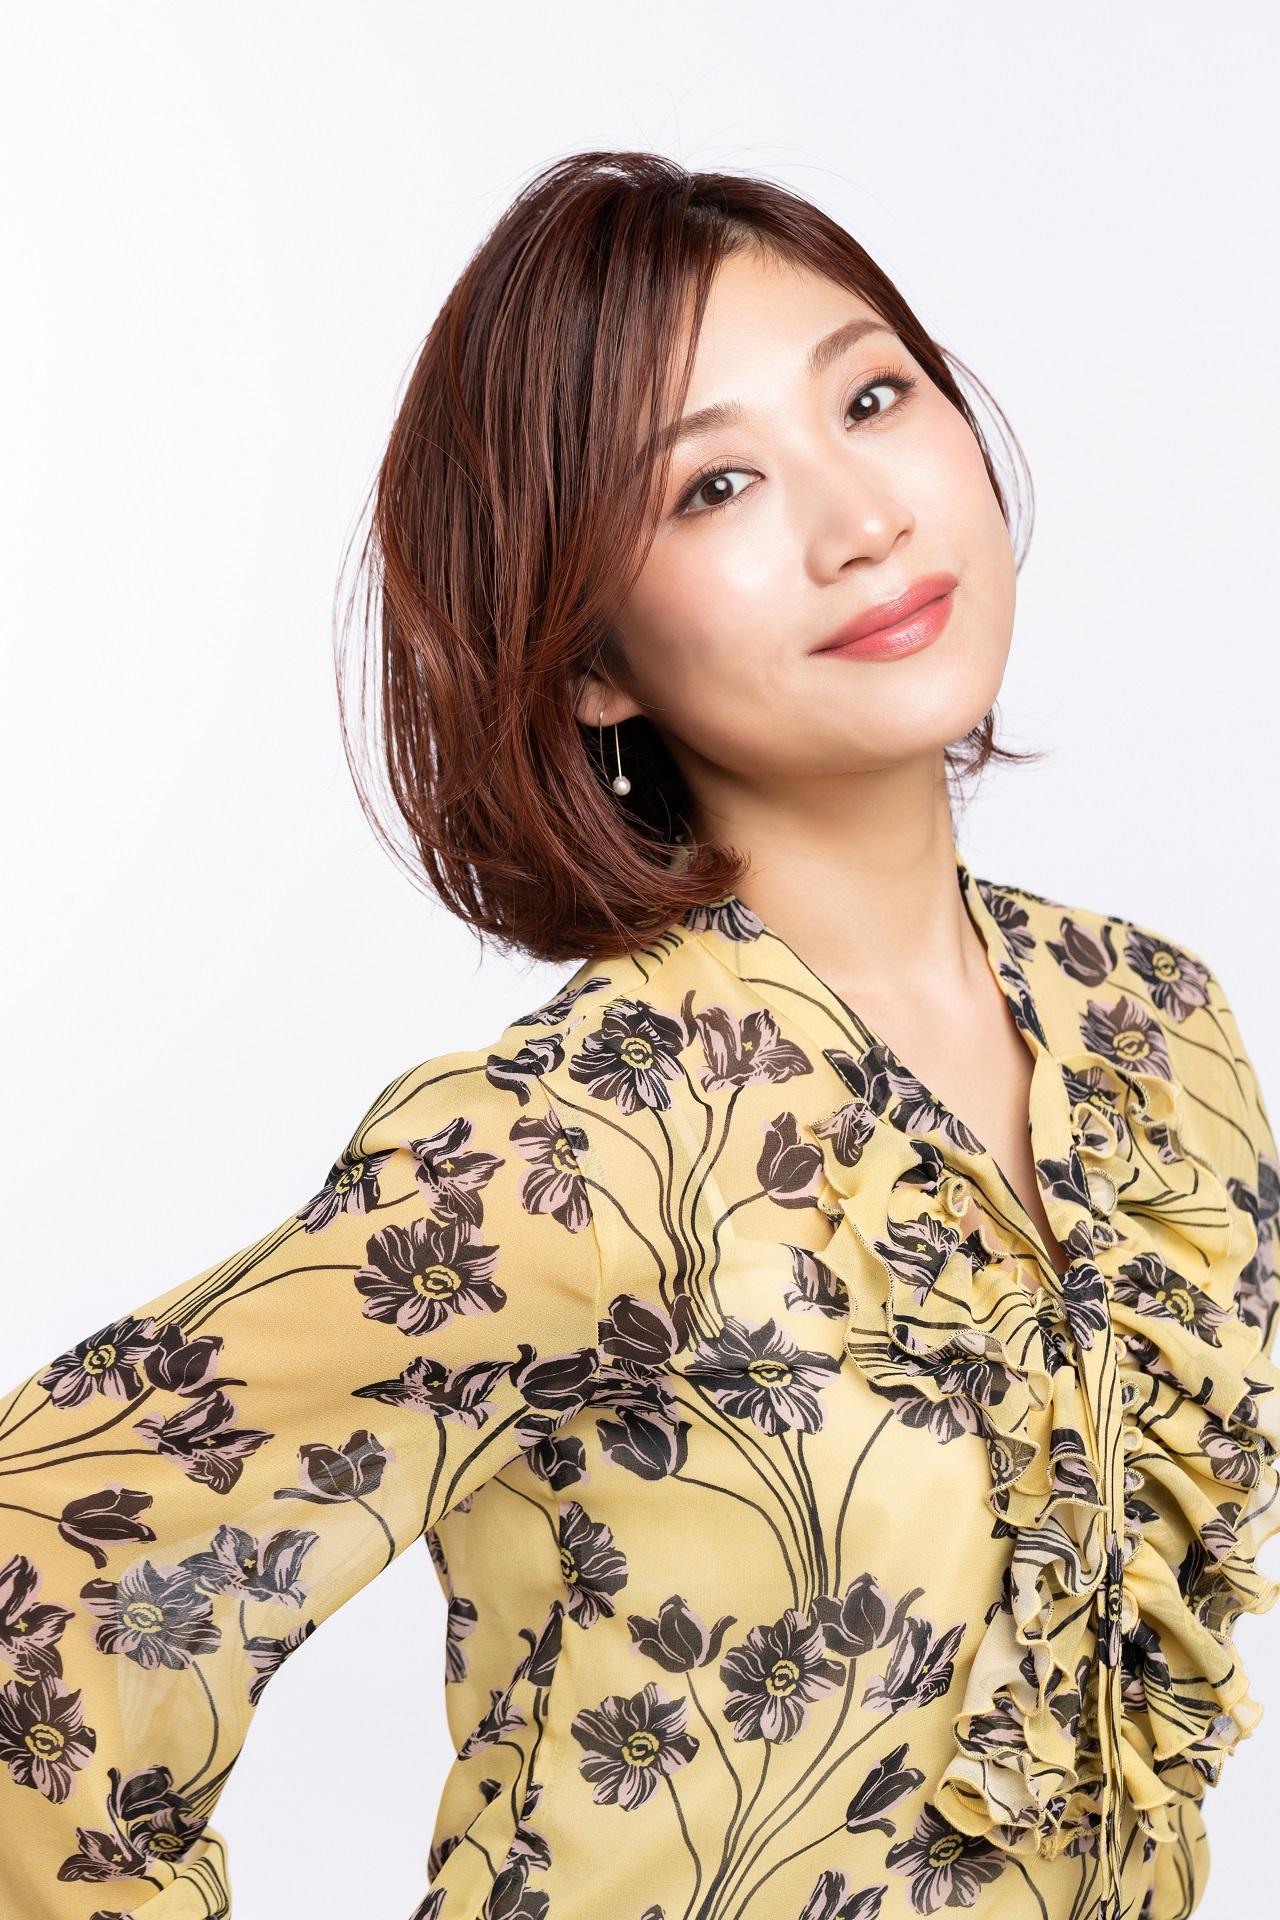 瀬戸麻実さんプロフィール用写真